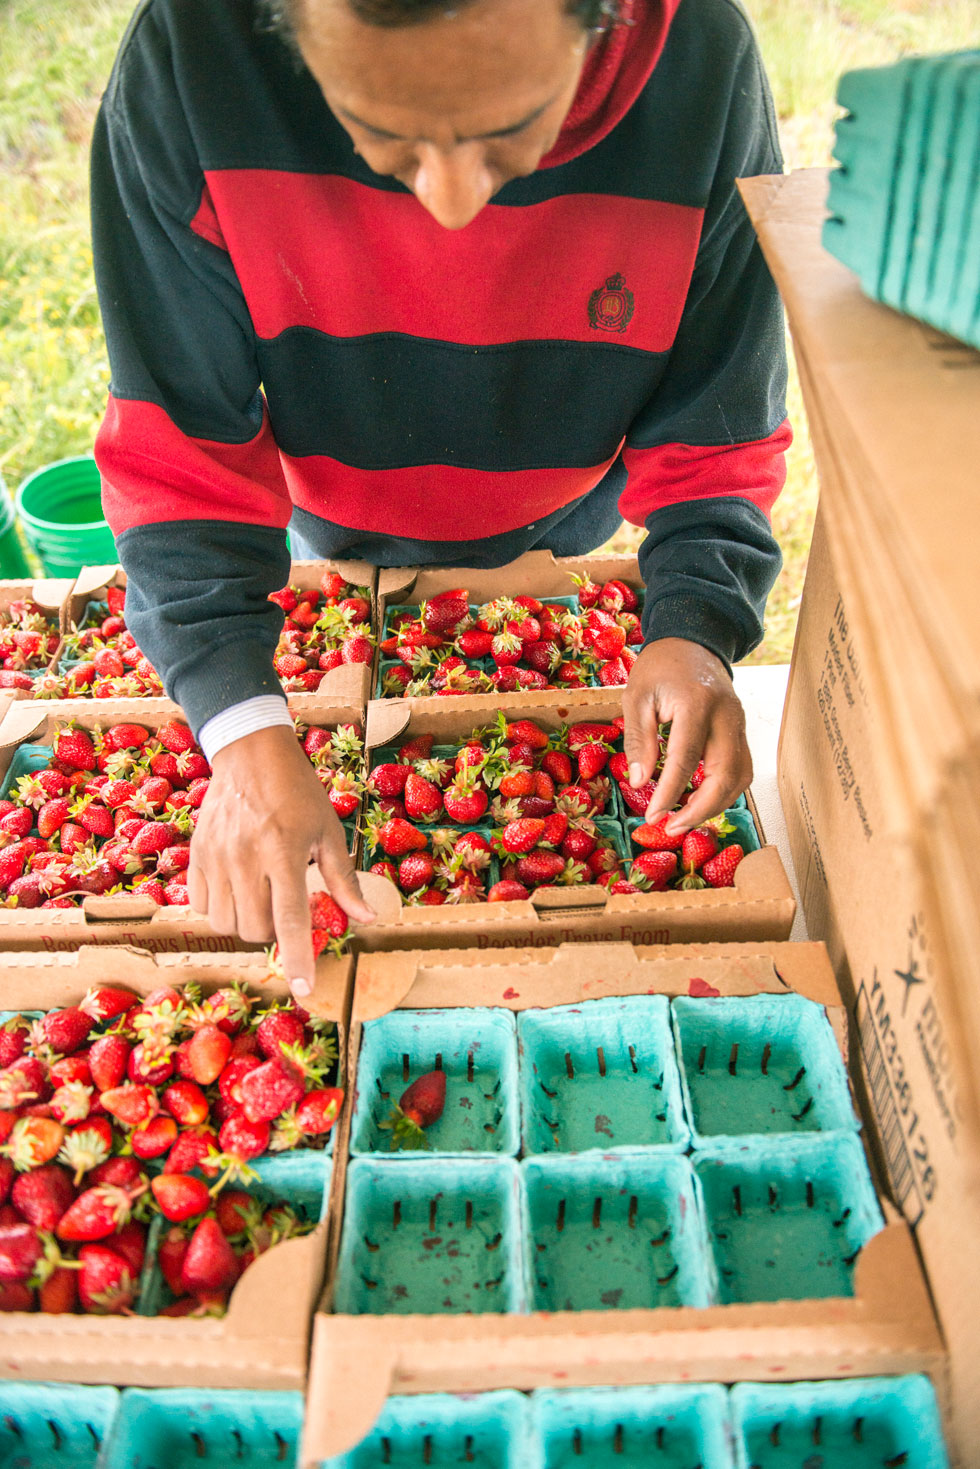 StrawberryFarmPickers_field_migrantworkersstrawberries_TT-5